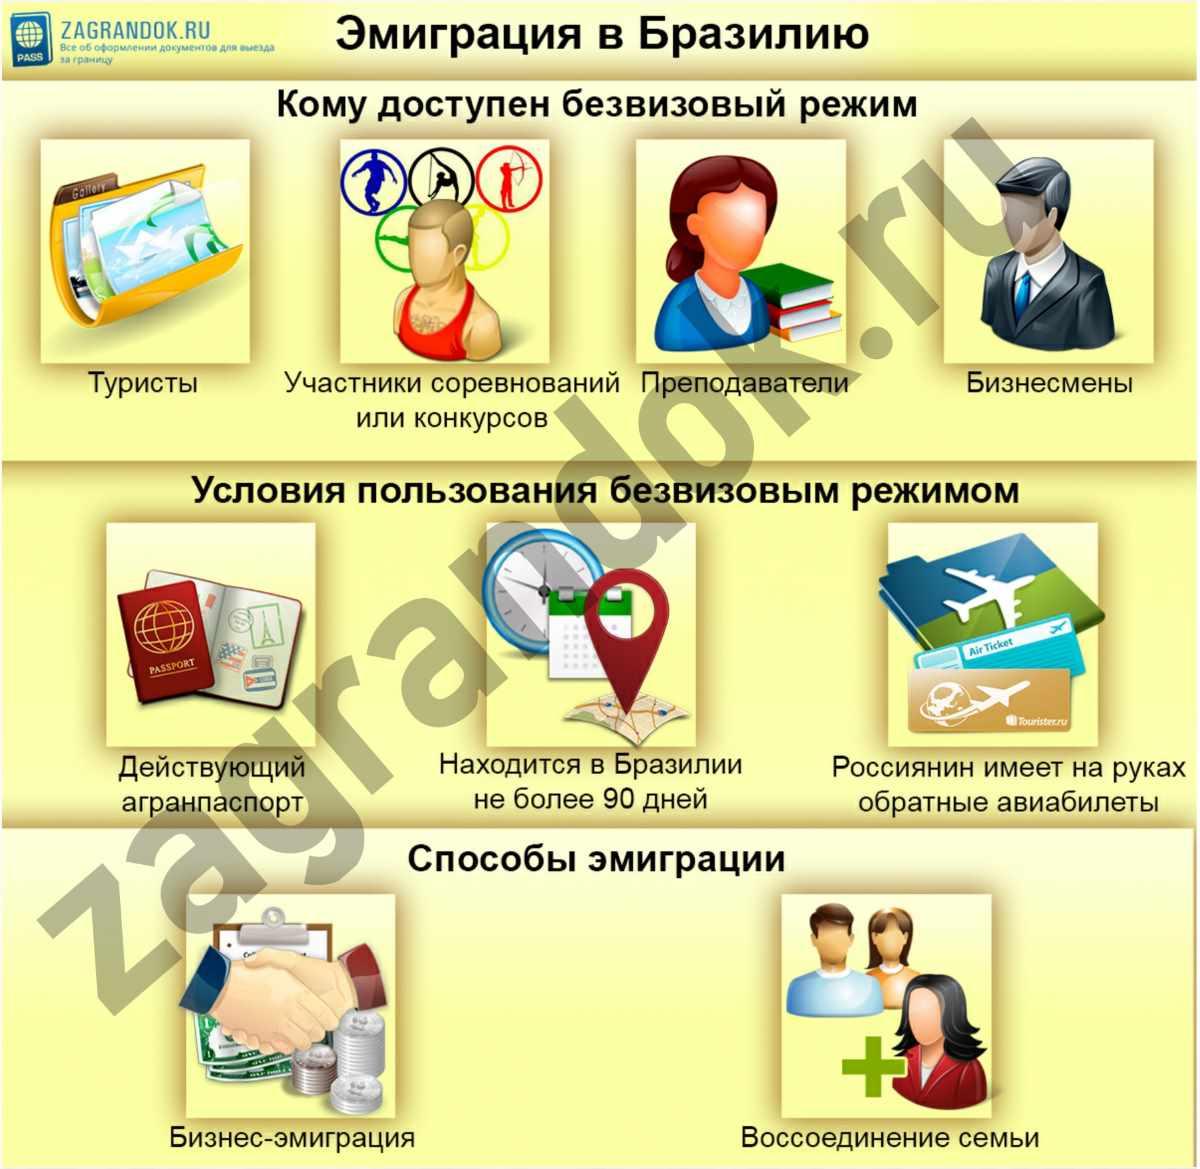 Изображение - Эмиграция в бразилию emigraciya-v-braziliyu